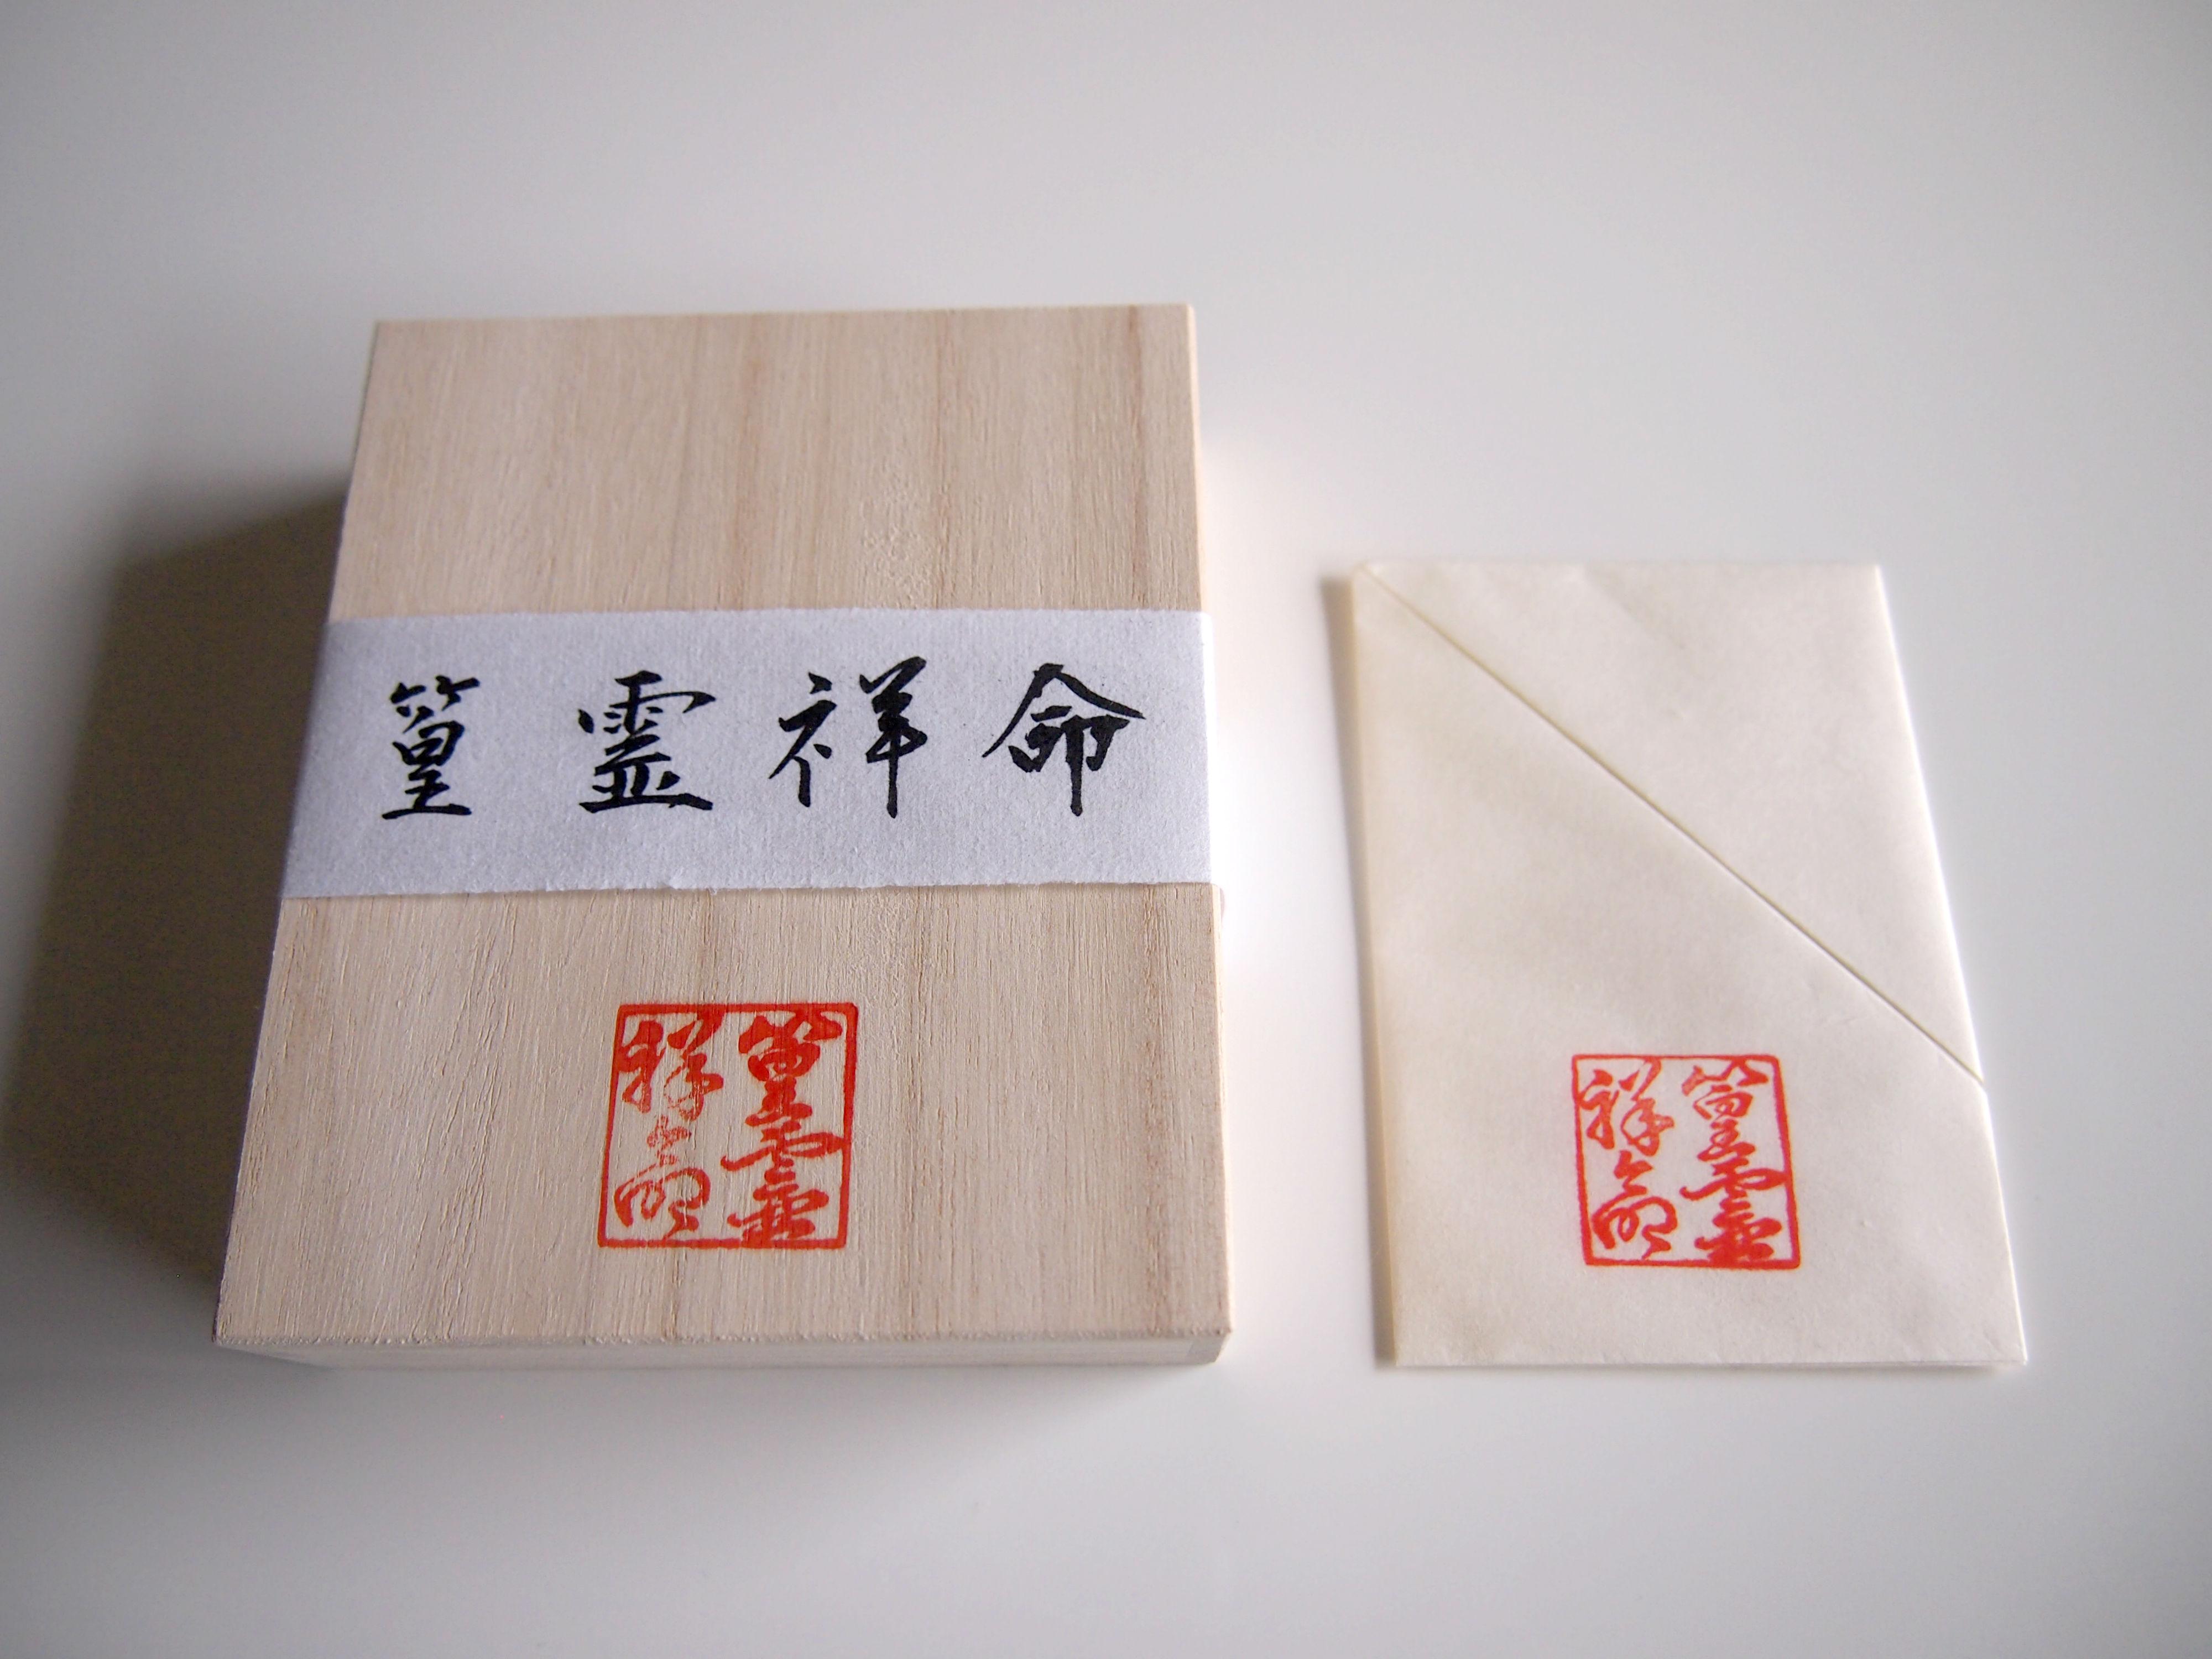 墨絵+神折符入桐箱と清め包み